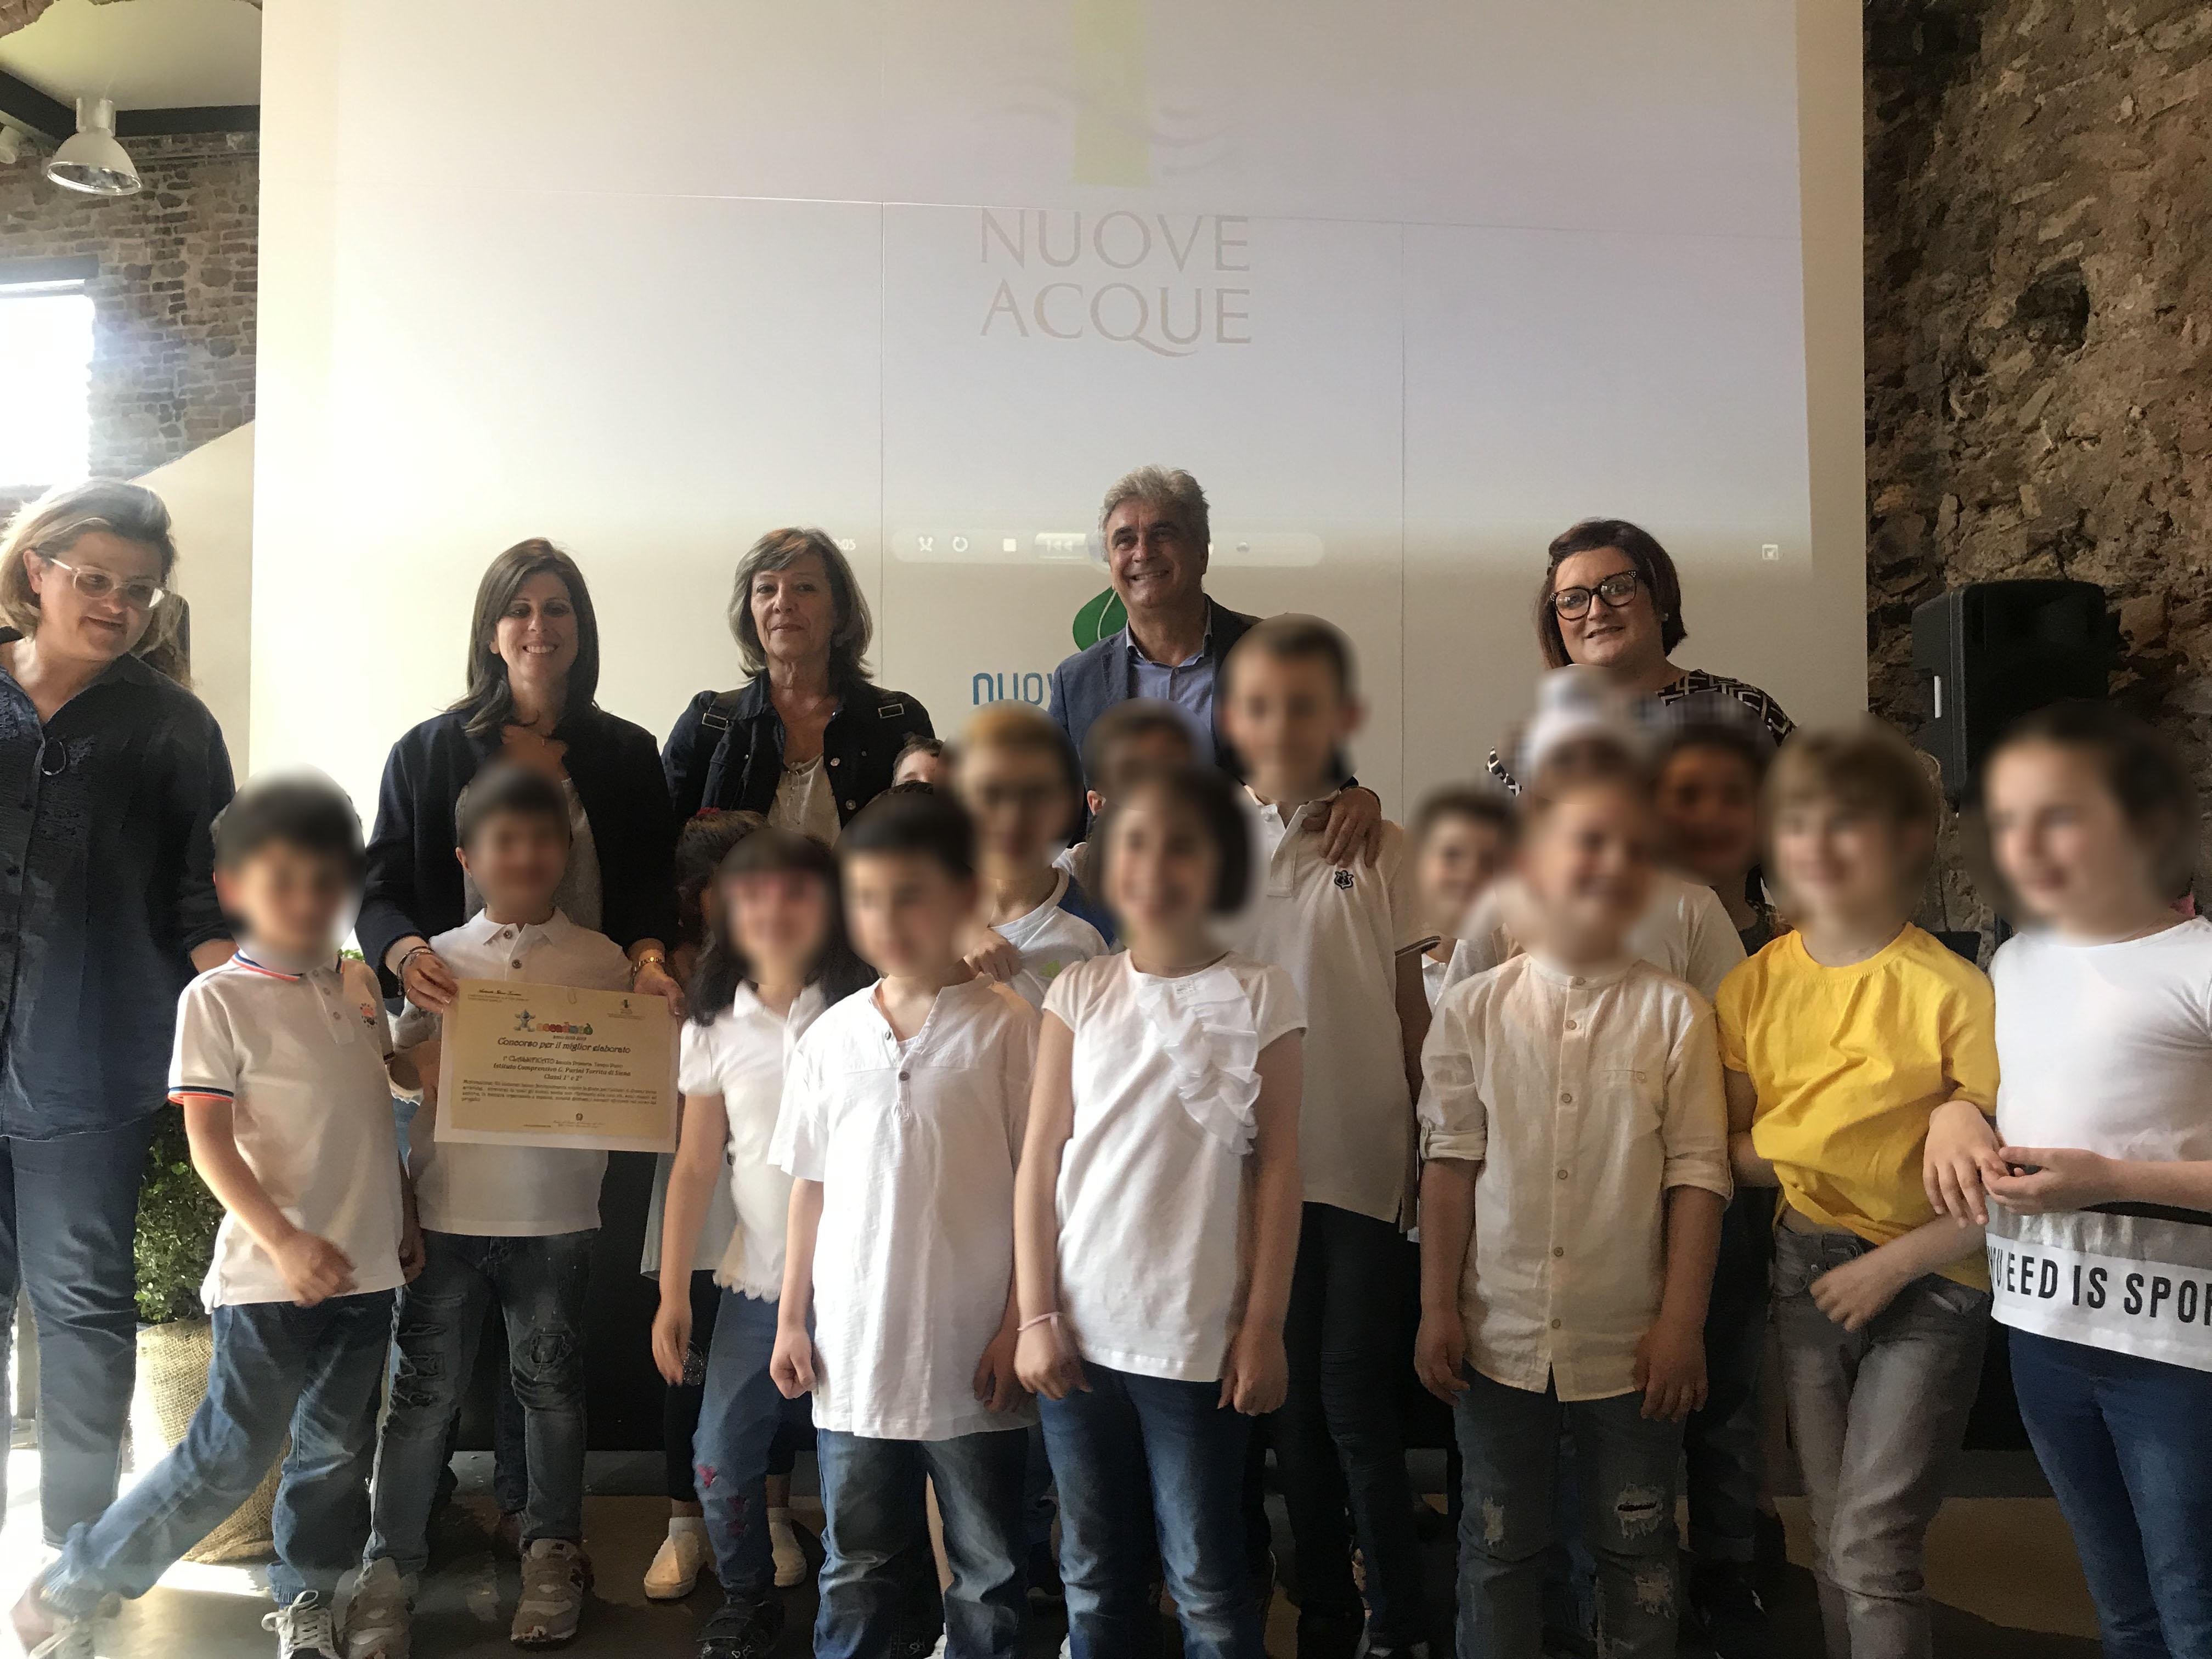 Nuove Acque premia i vincitori della campagna educativa